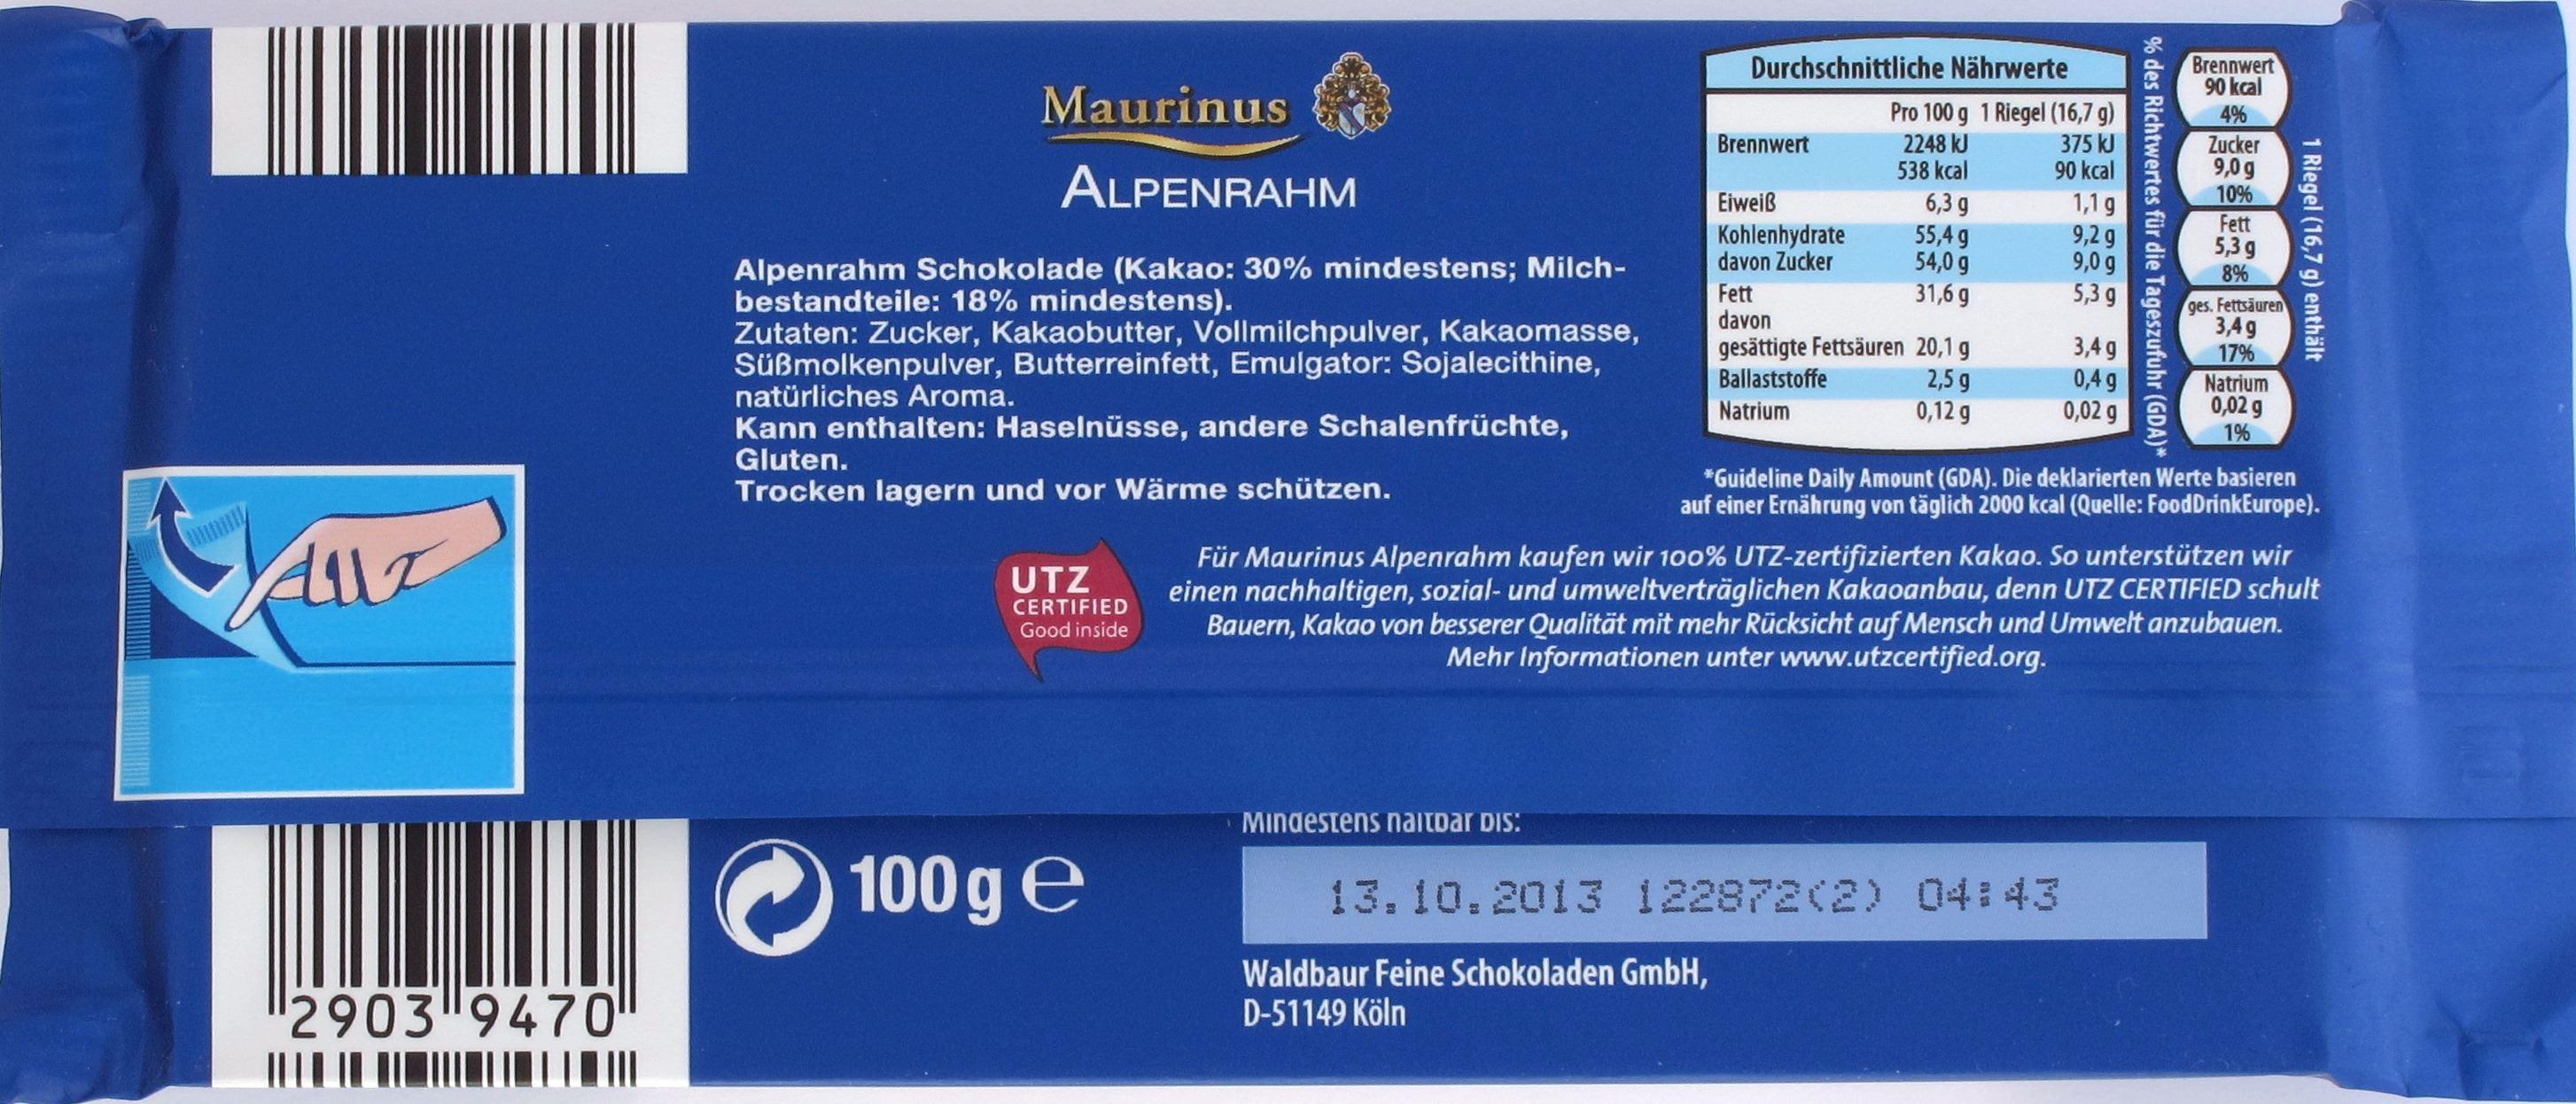 Zutatenliste: Vorderseite: Maurinus Alpenrahm-Schokolade